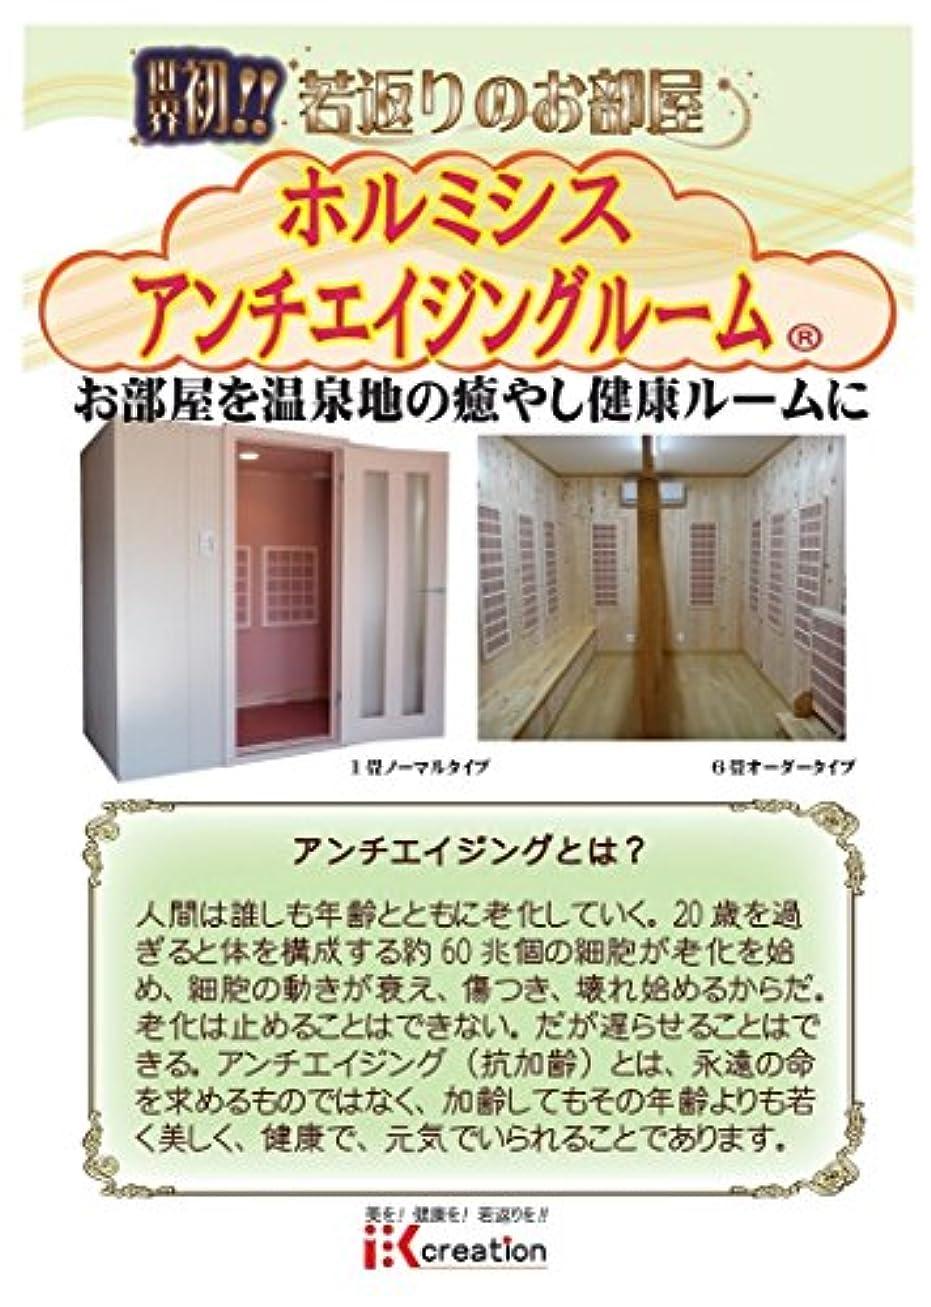 玉ねぎ神社ごみホルミシスアンチエイジングルーム(1畳タイプ)